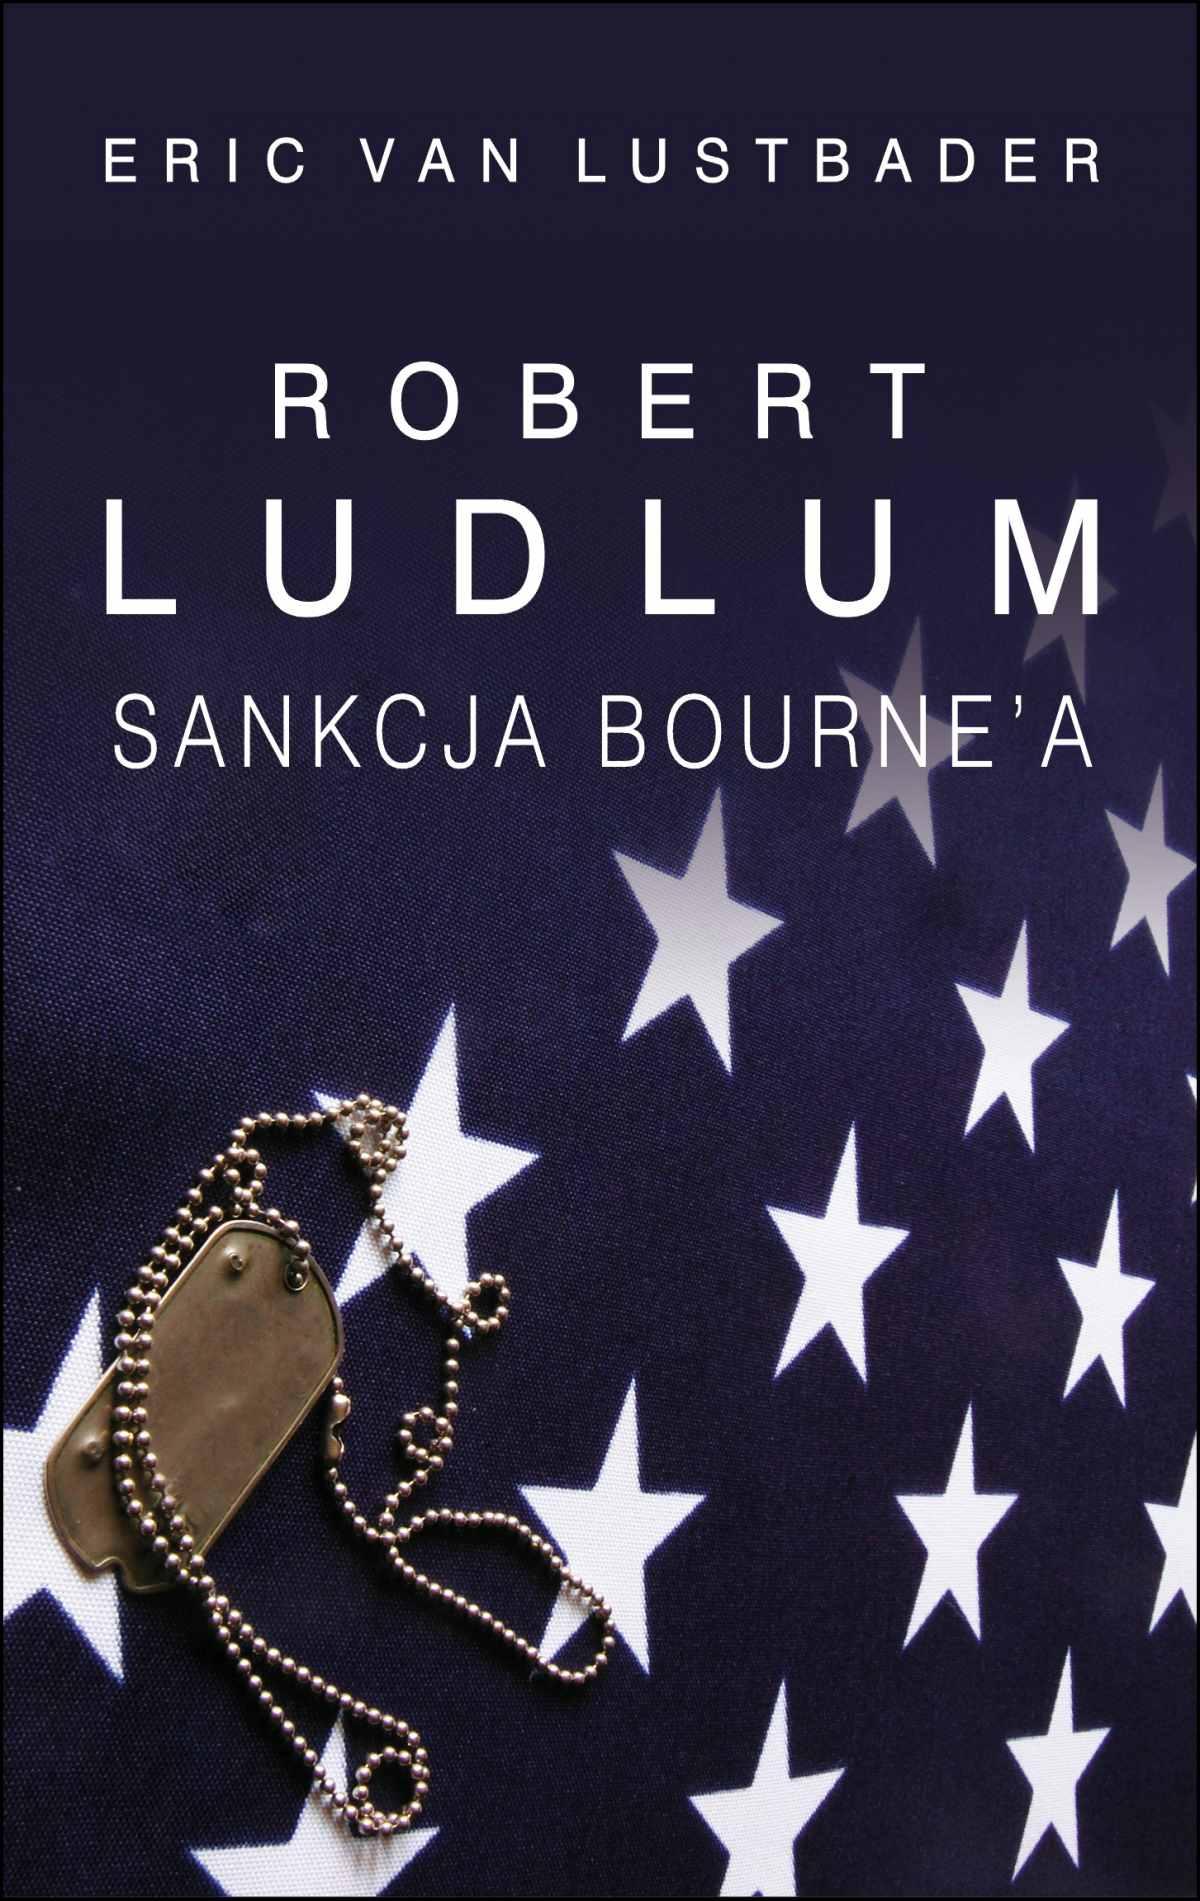 Sankcja Bourne'a - Ebook (Książka EPUB) do pobrania w formacie EPUB